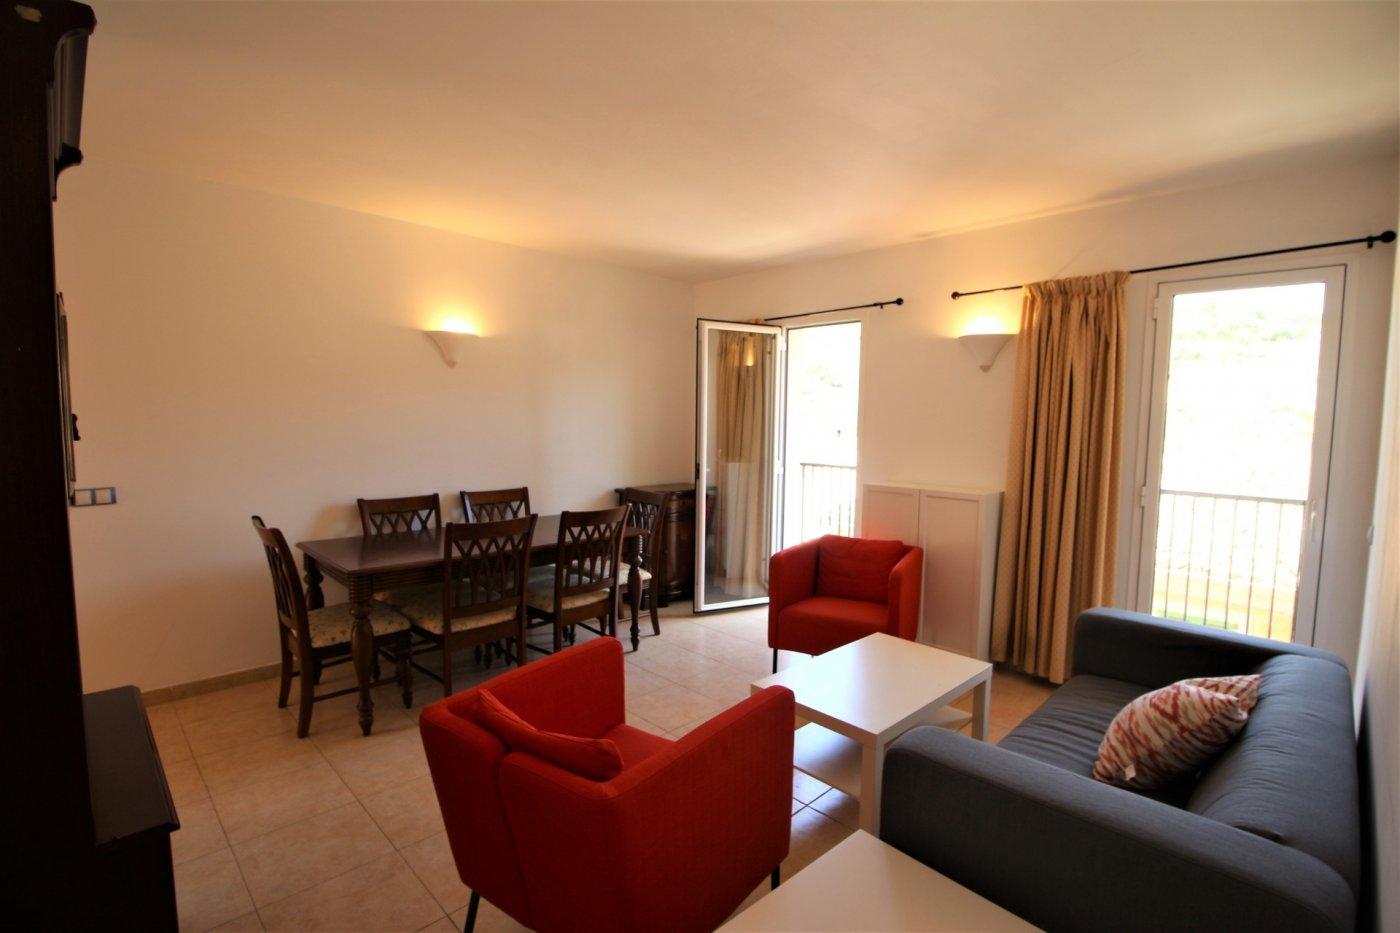 apartamento en andratx · andratx 0€